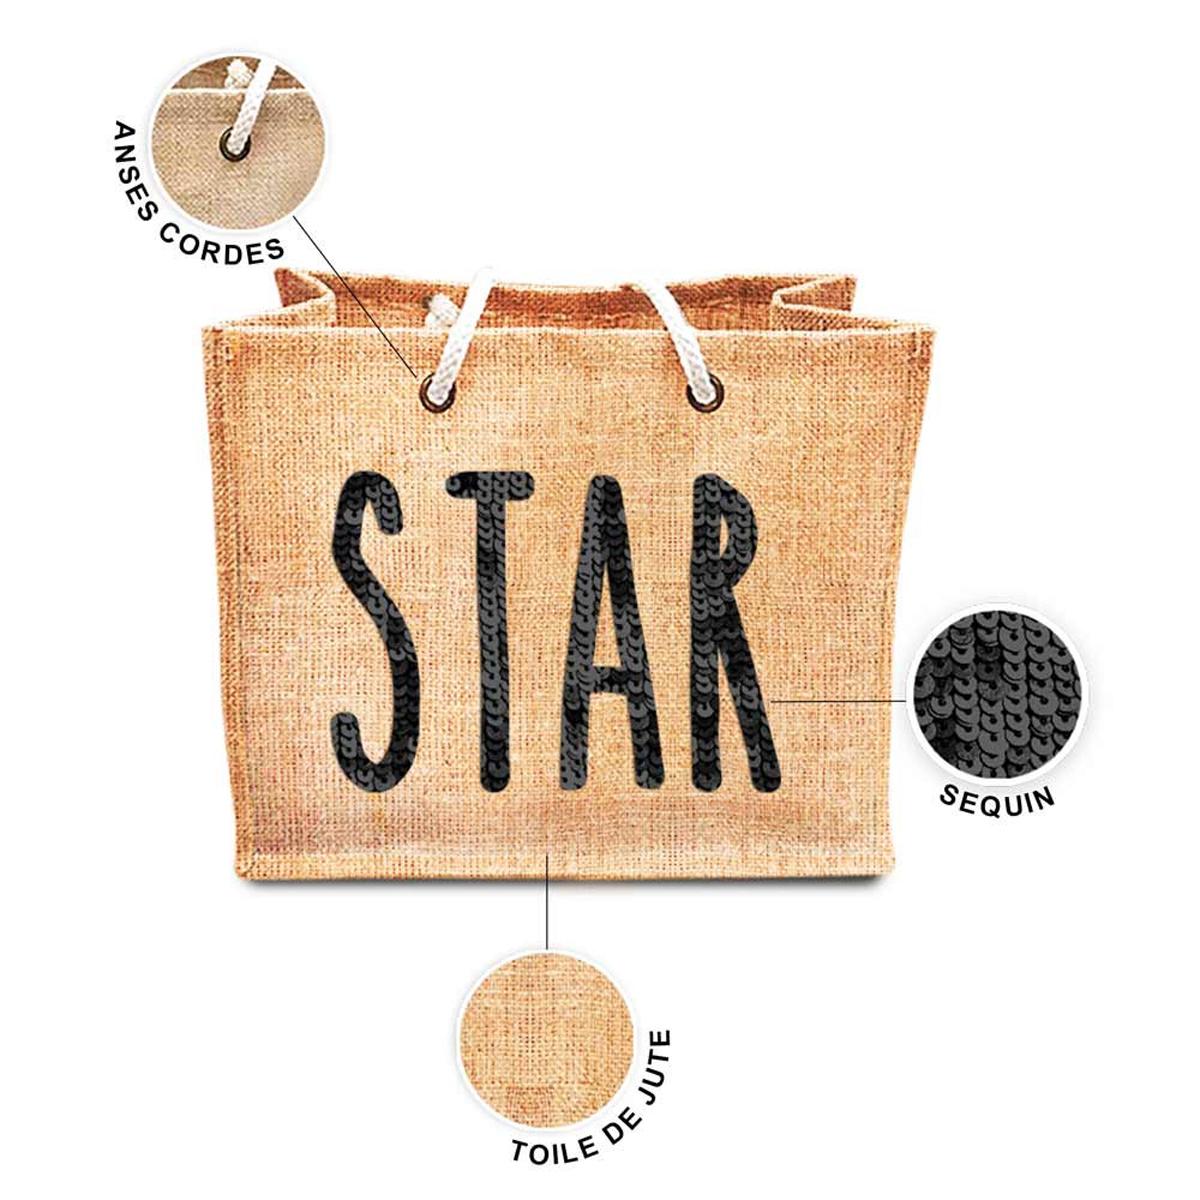 Sac shopping \'Star\' beige noir (jute) - 42x345x185 cm - [P8785]